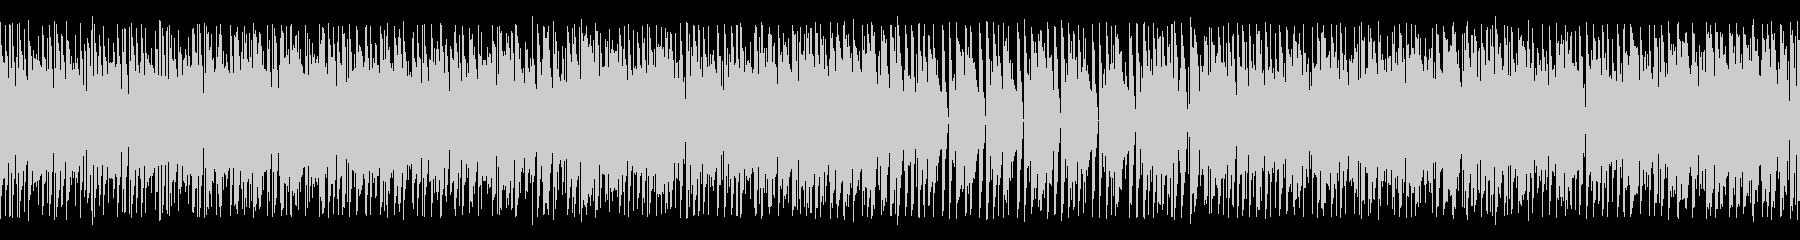 BGM009-05 チップチューン+デ…の未再生の波形